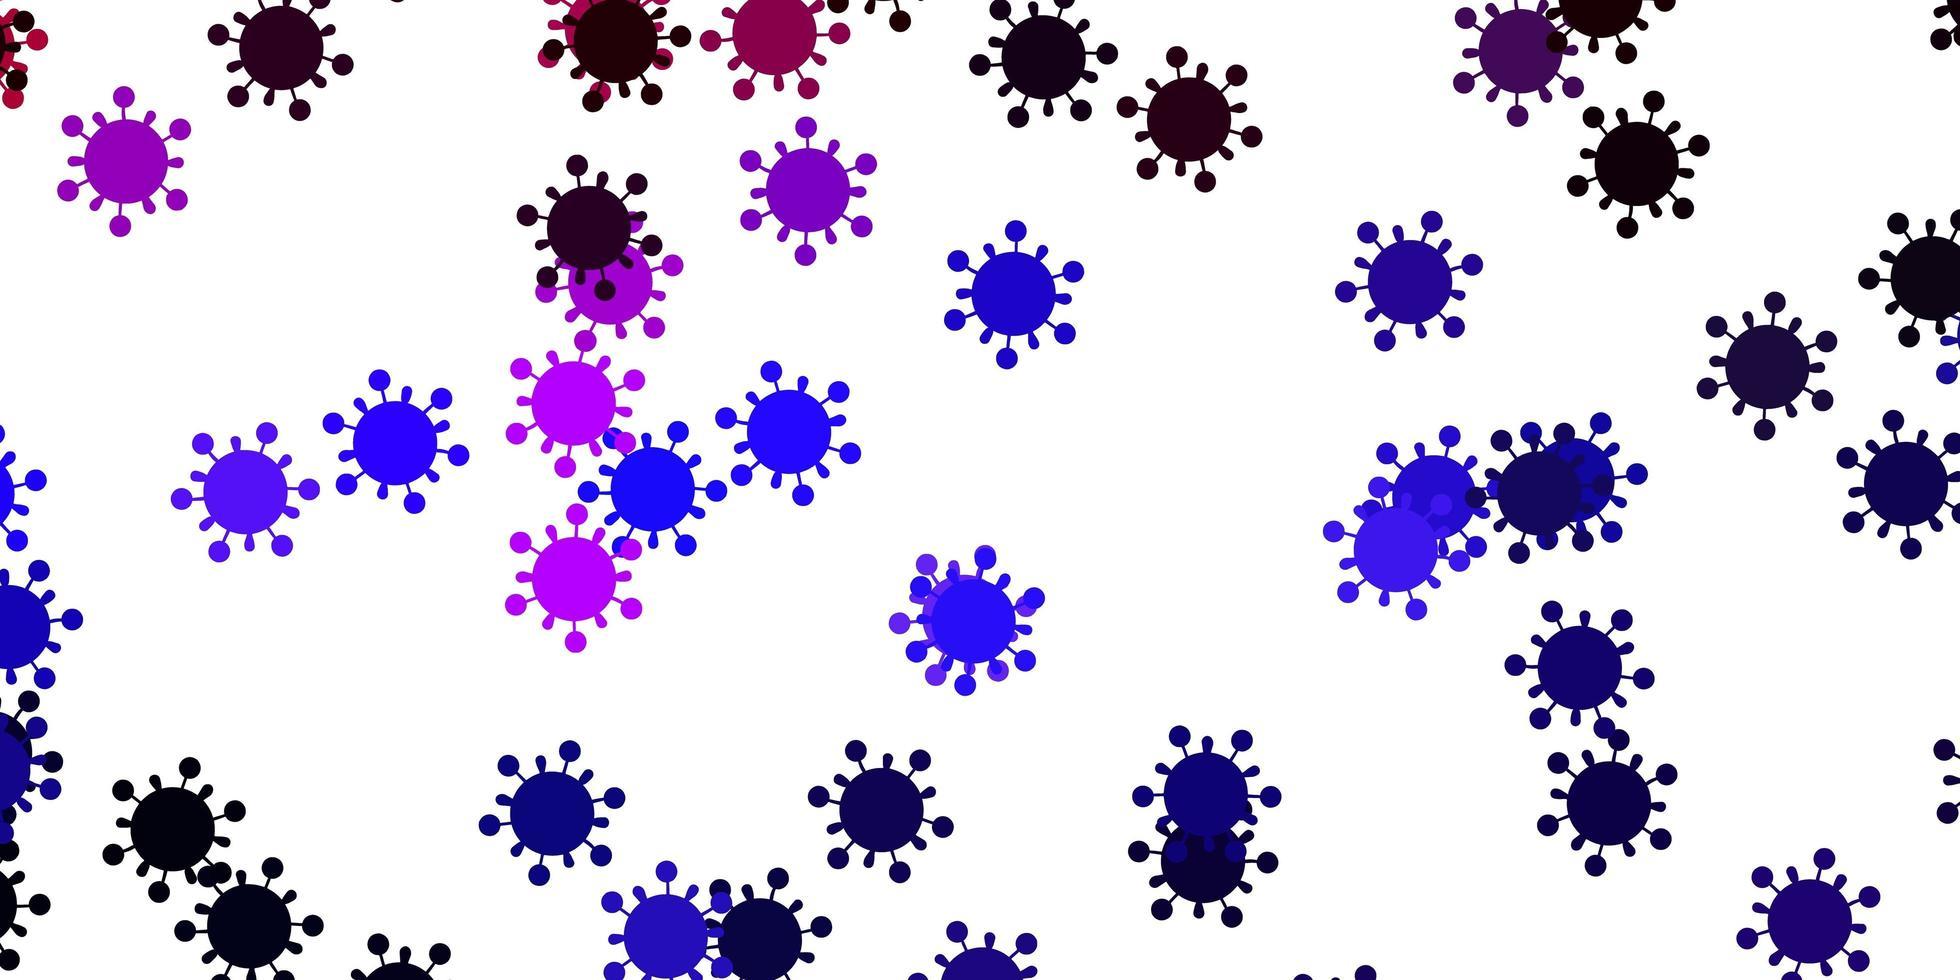 fundo roxo claro com símbolos covid-19. vetor